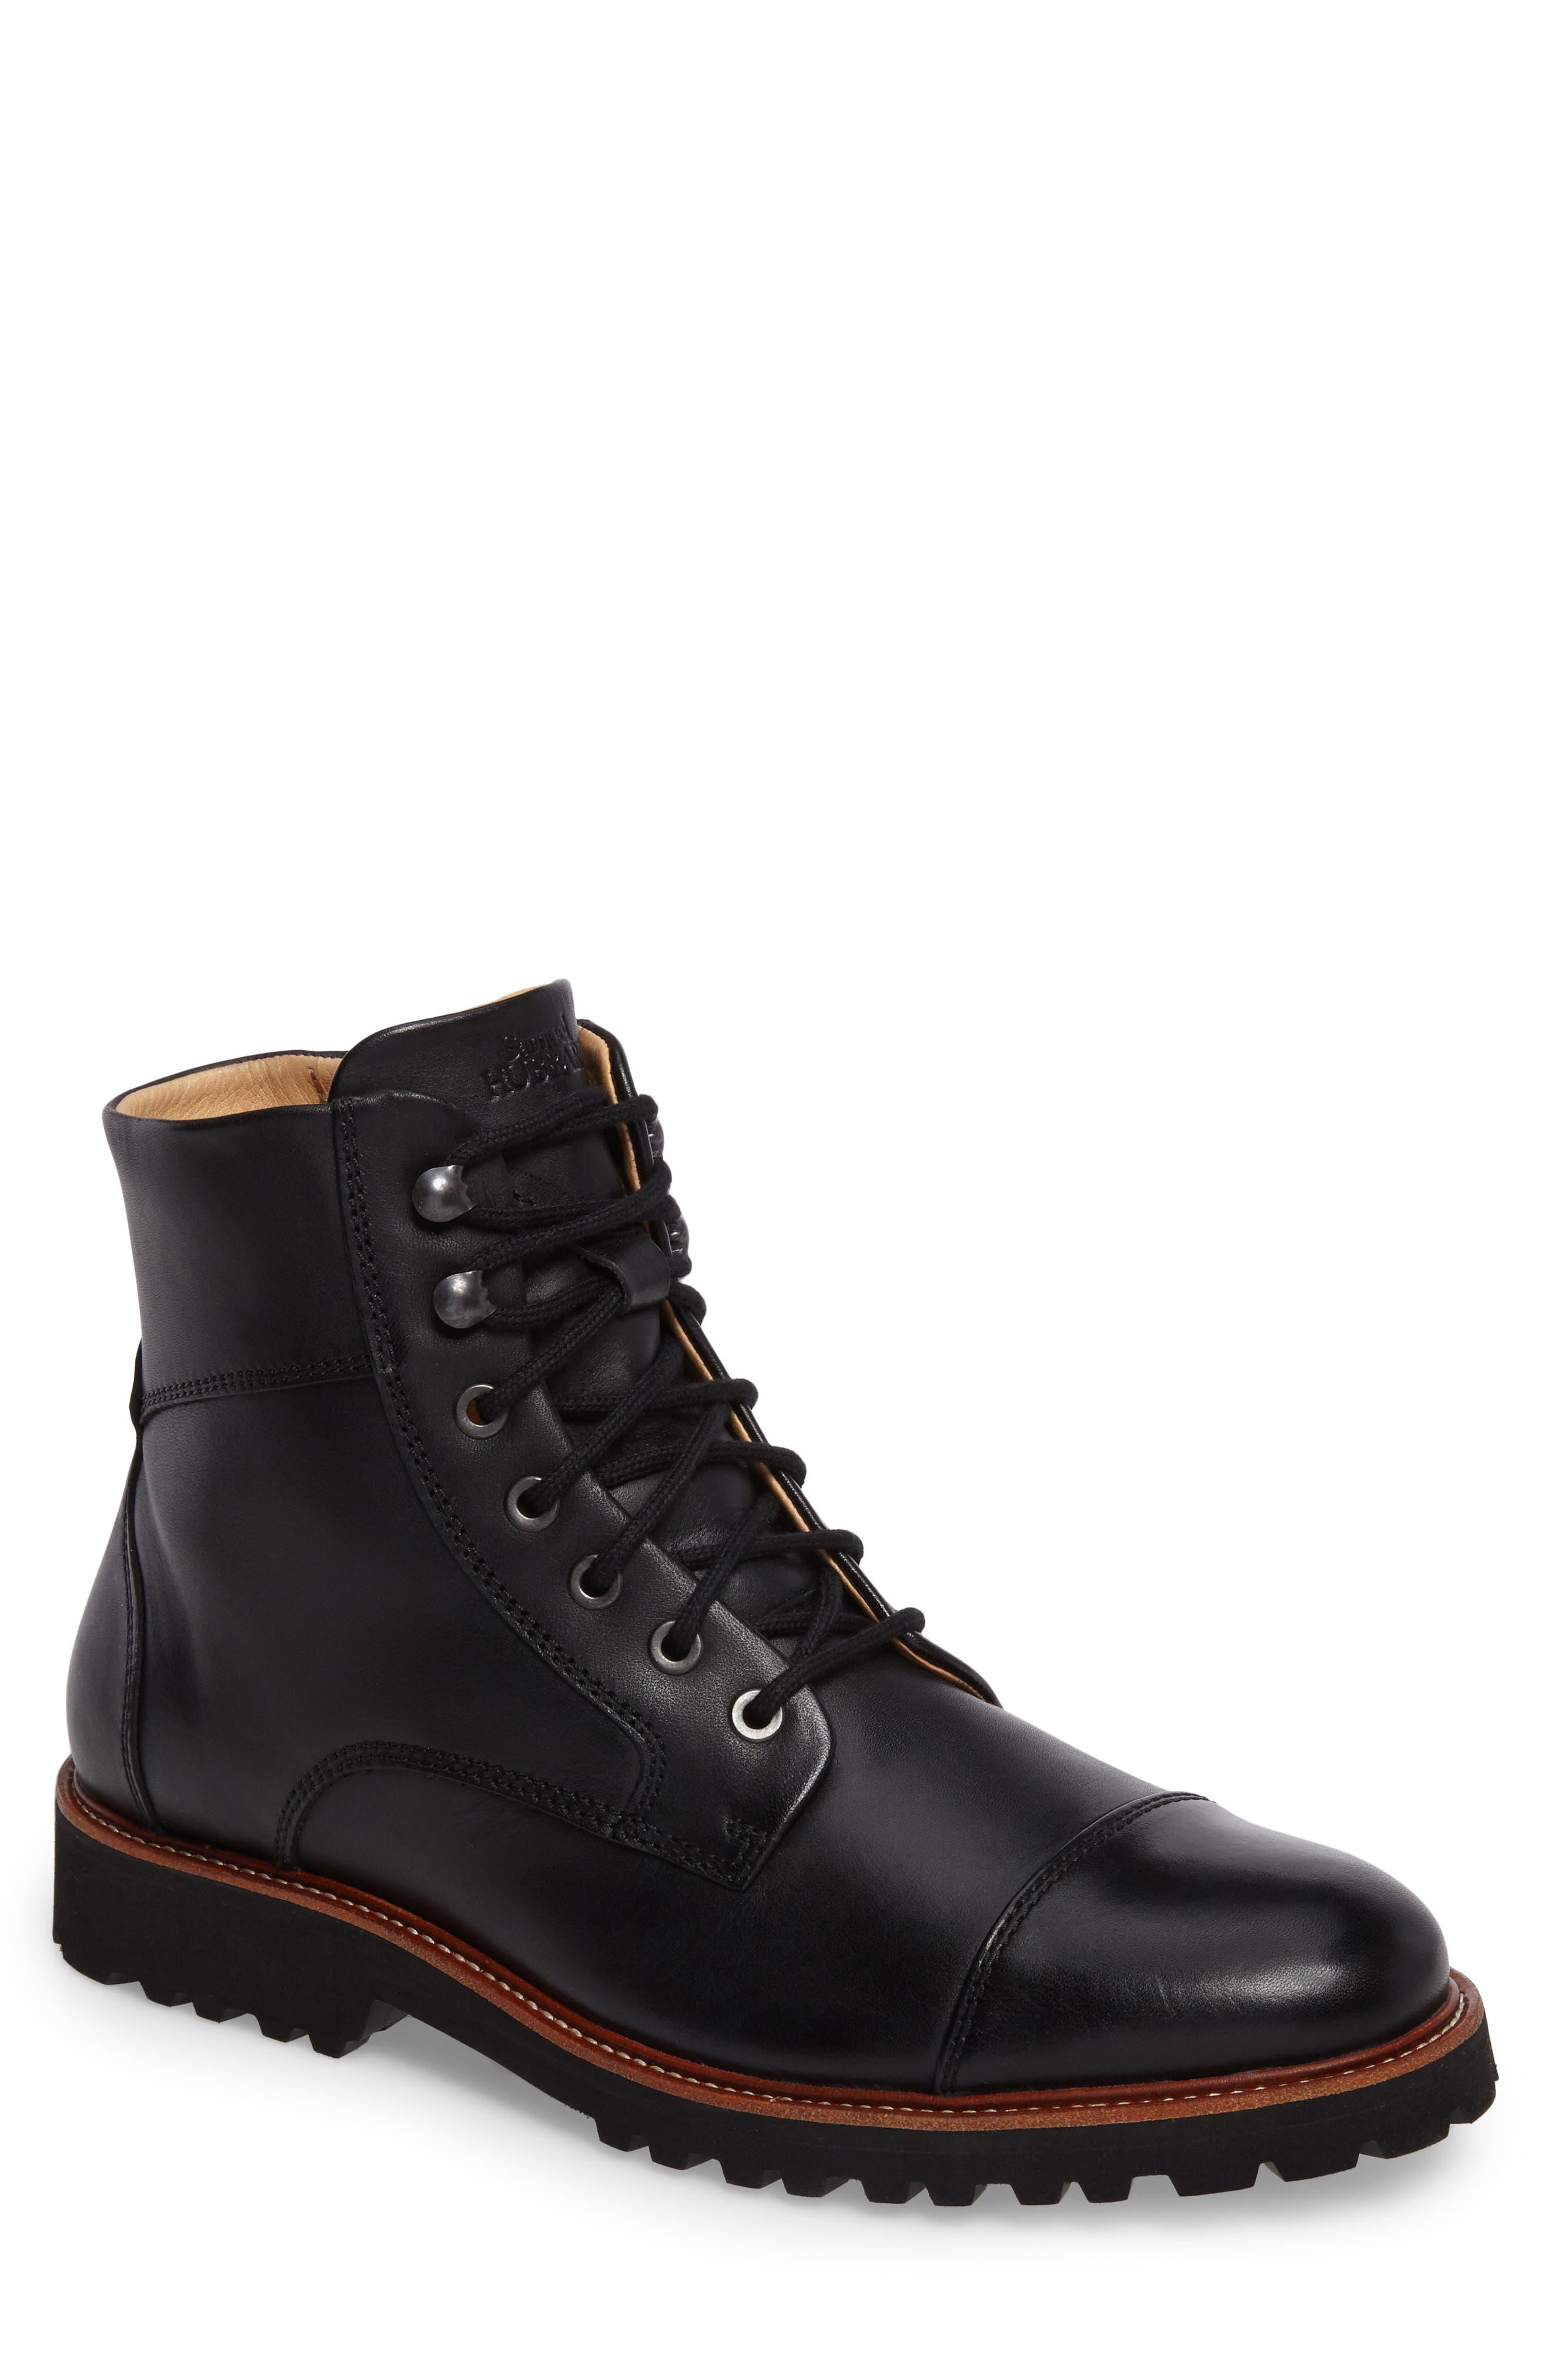 Uptown Maverick Cap Toe Boot,                             Main thumbnail 1, color,                             Black Leather